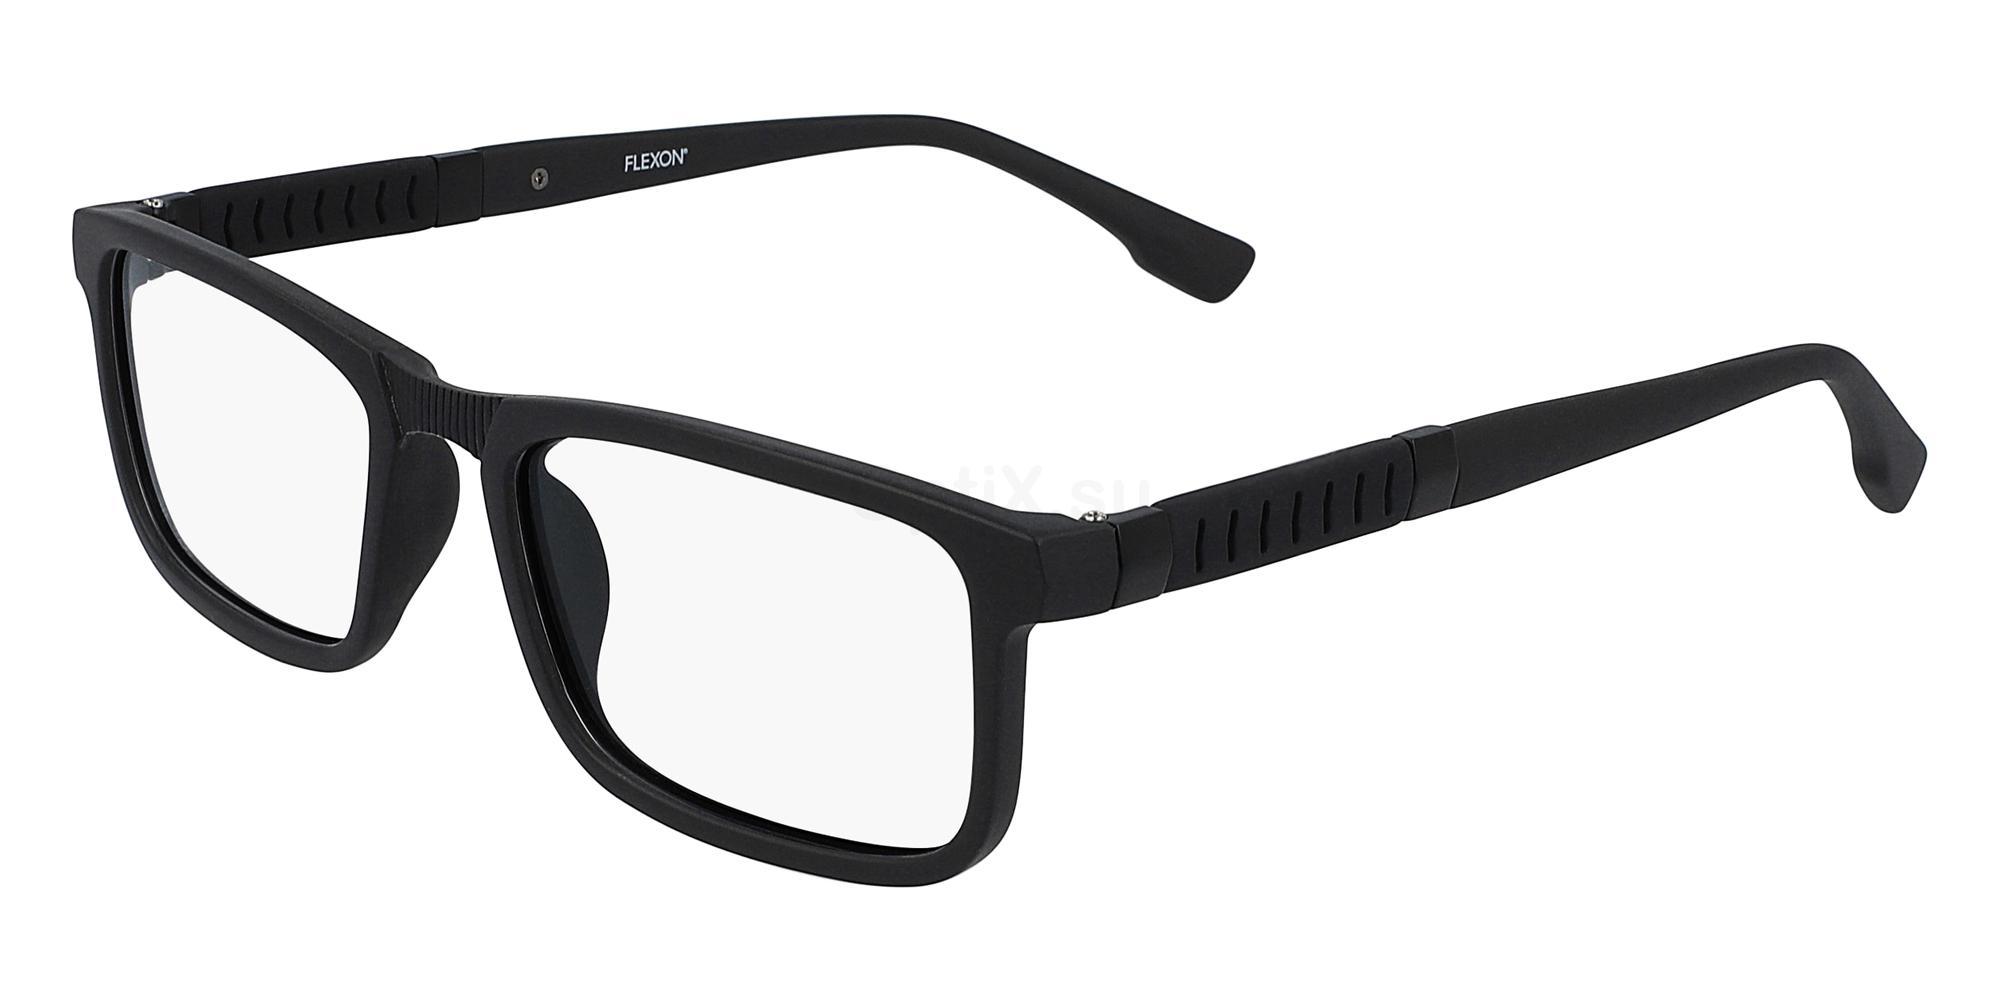 001 FLEXON E1117 Glasses, Flexon